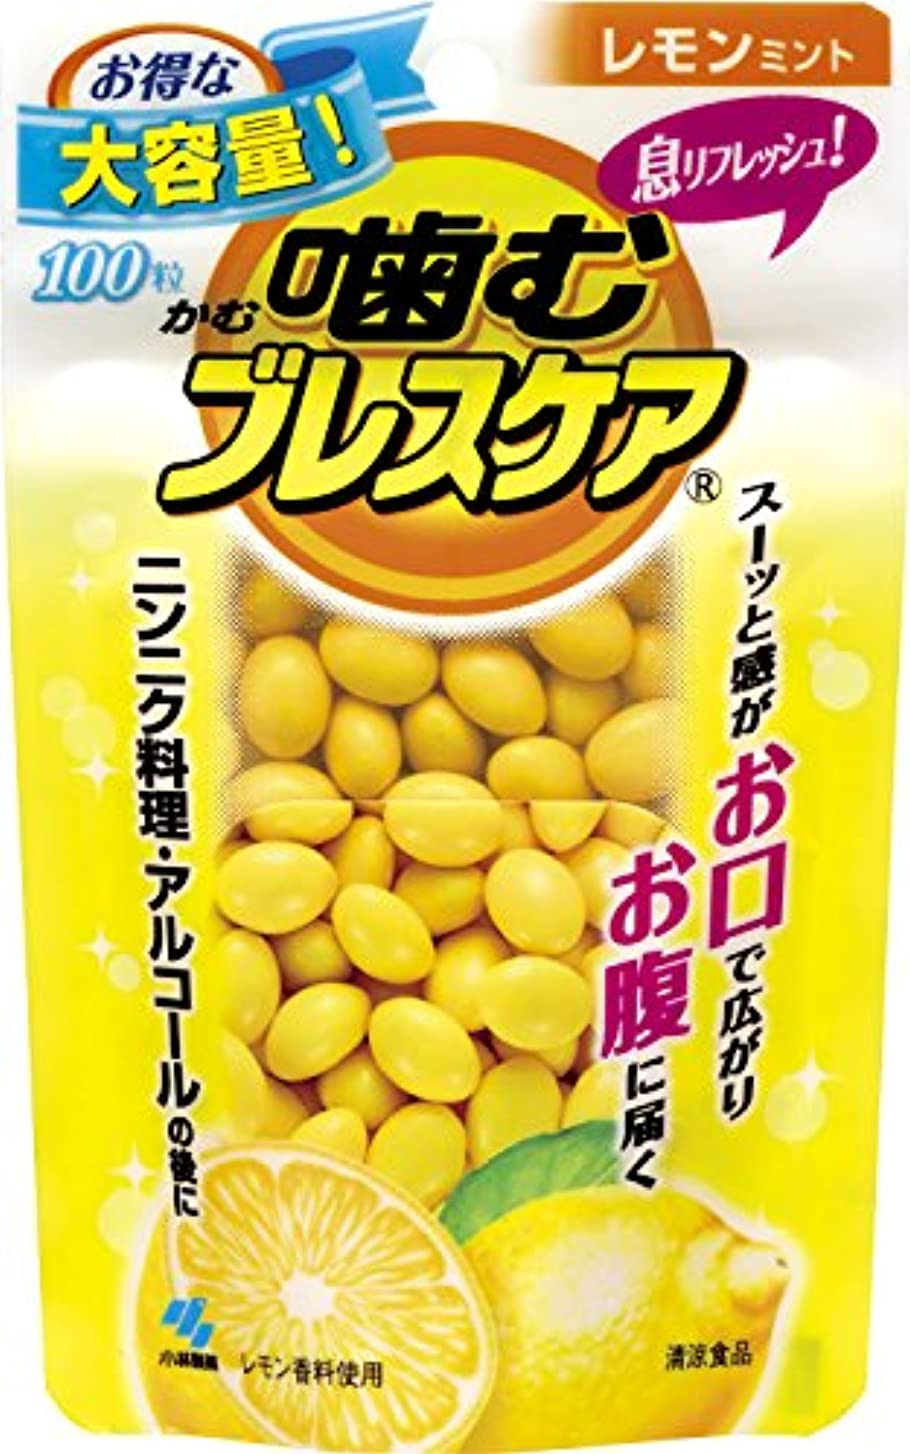 日の出有罪より良い噛むブレスケア 息リフレッシュグミ レモンミント パウチタイプ お得な大容量 100粒